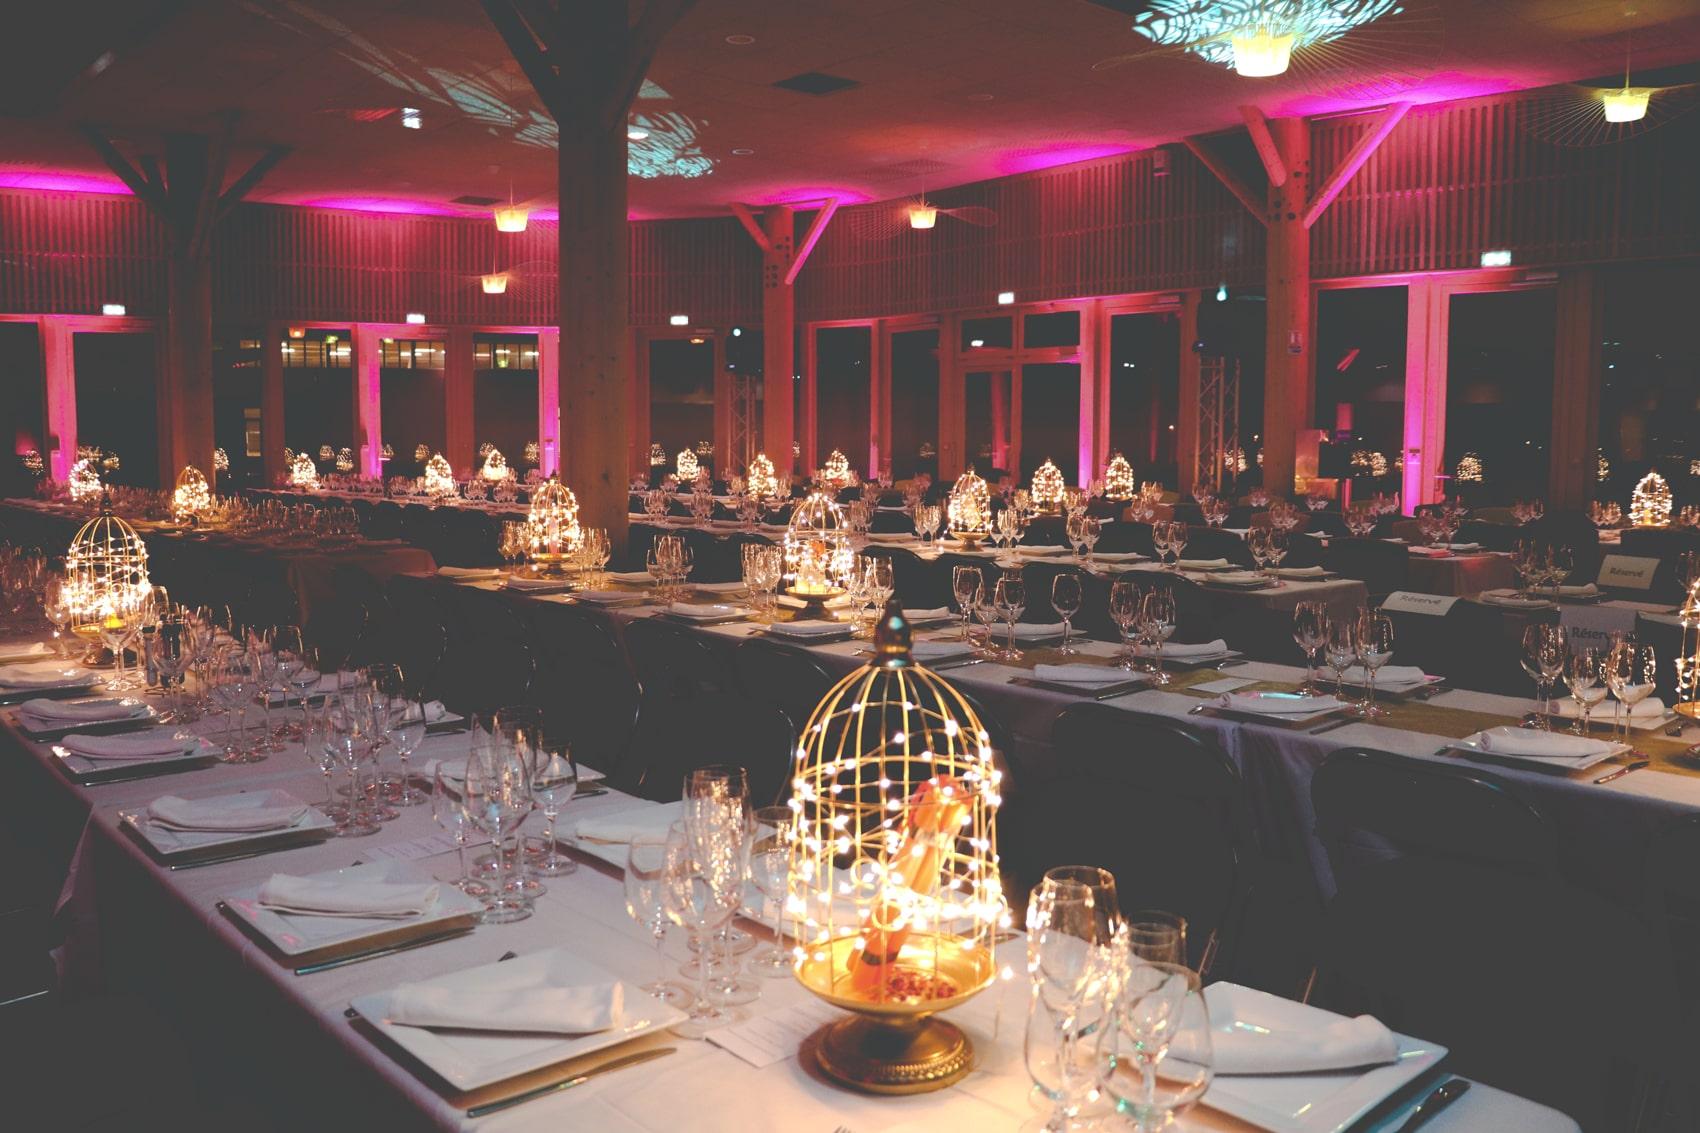 Salle principale d'un évènement professionnel pour BiO'Pôle de LÉA, LÉA NATURE à Périgny près de La Rochelle (17)